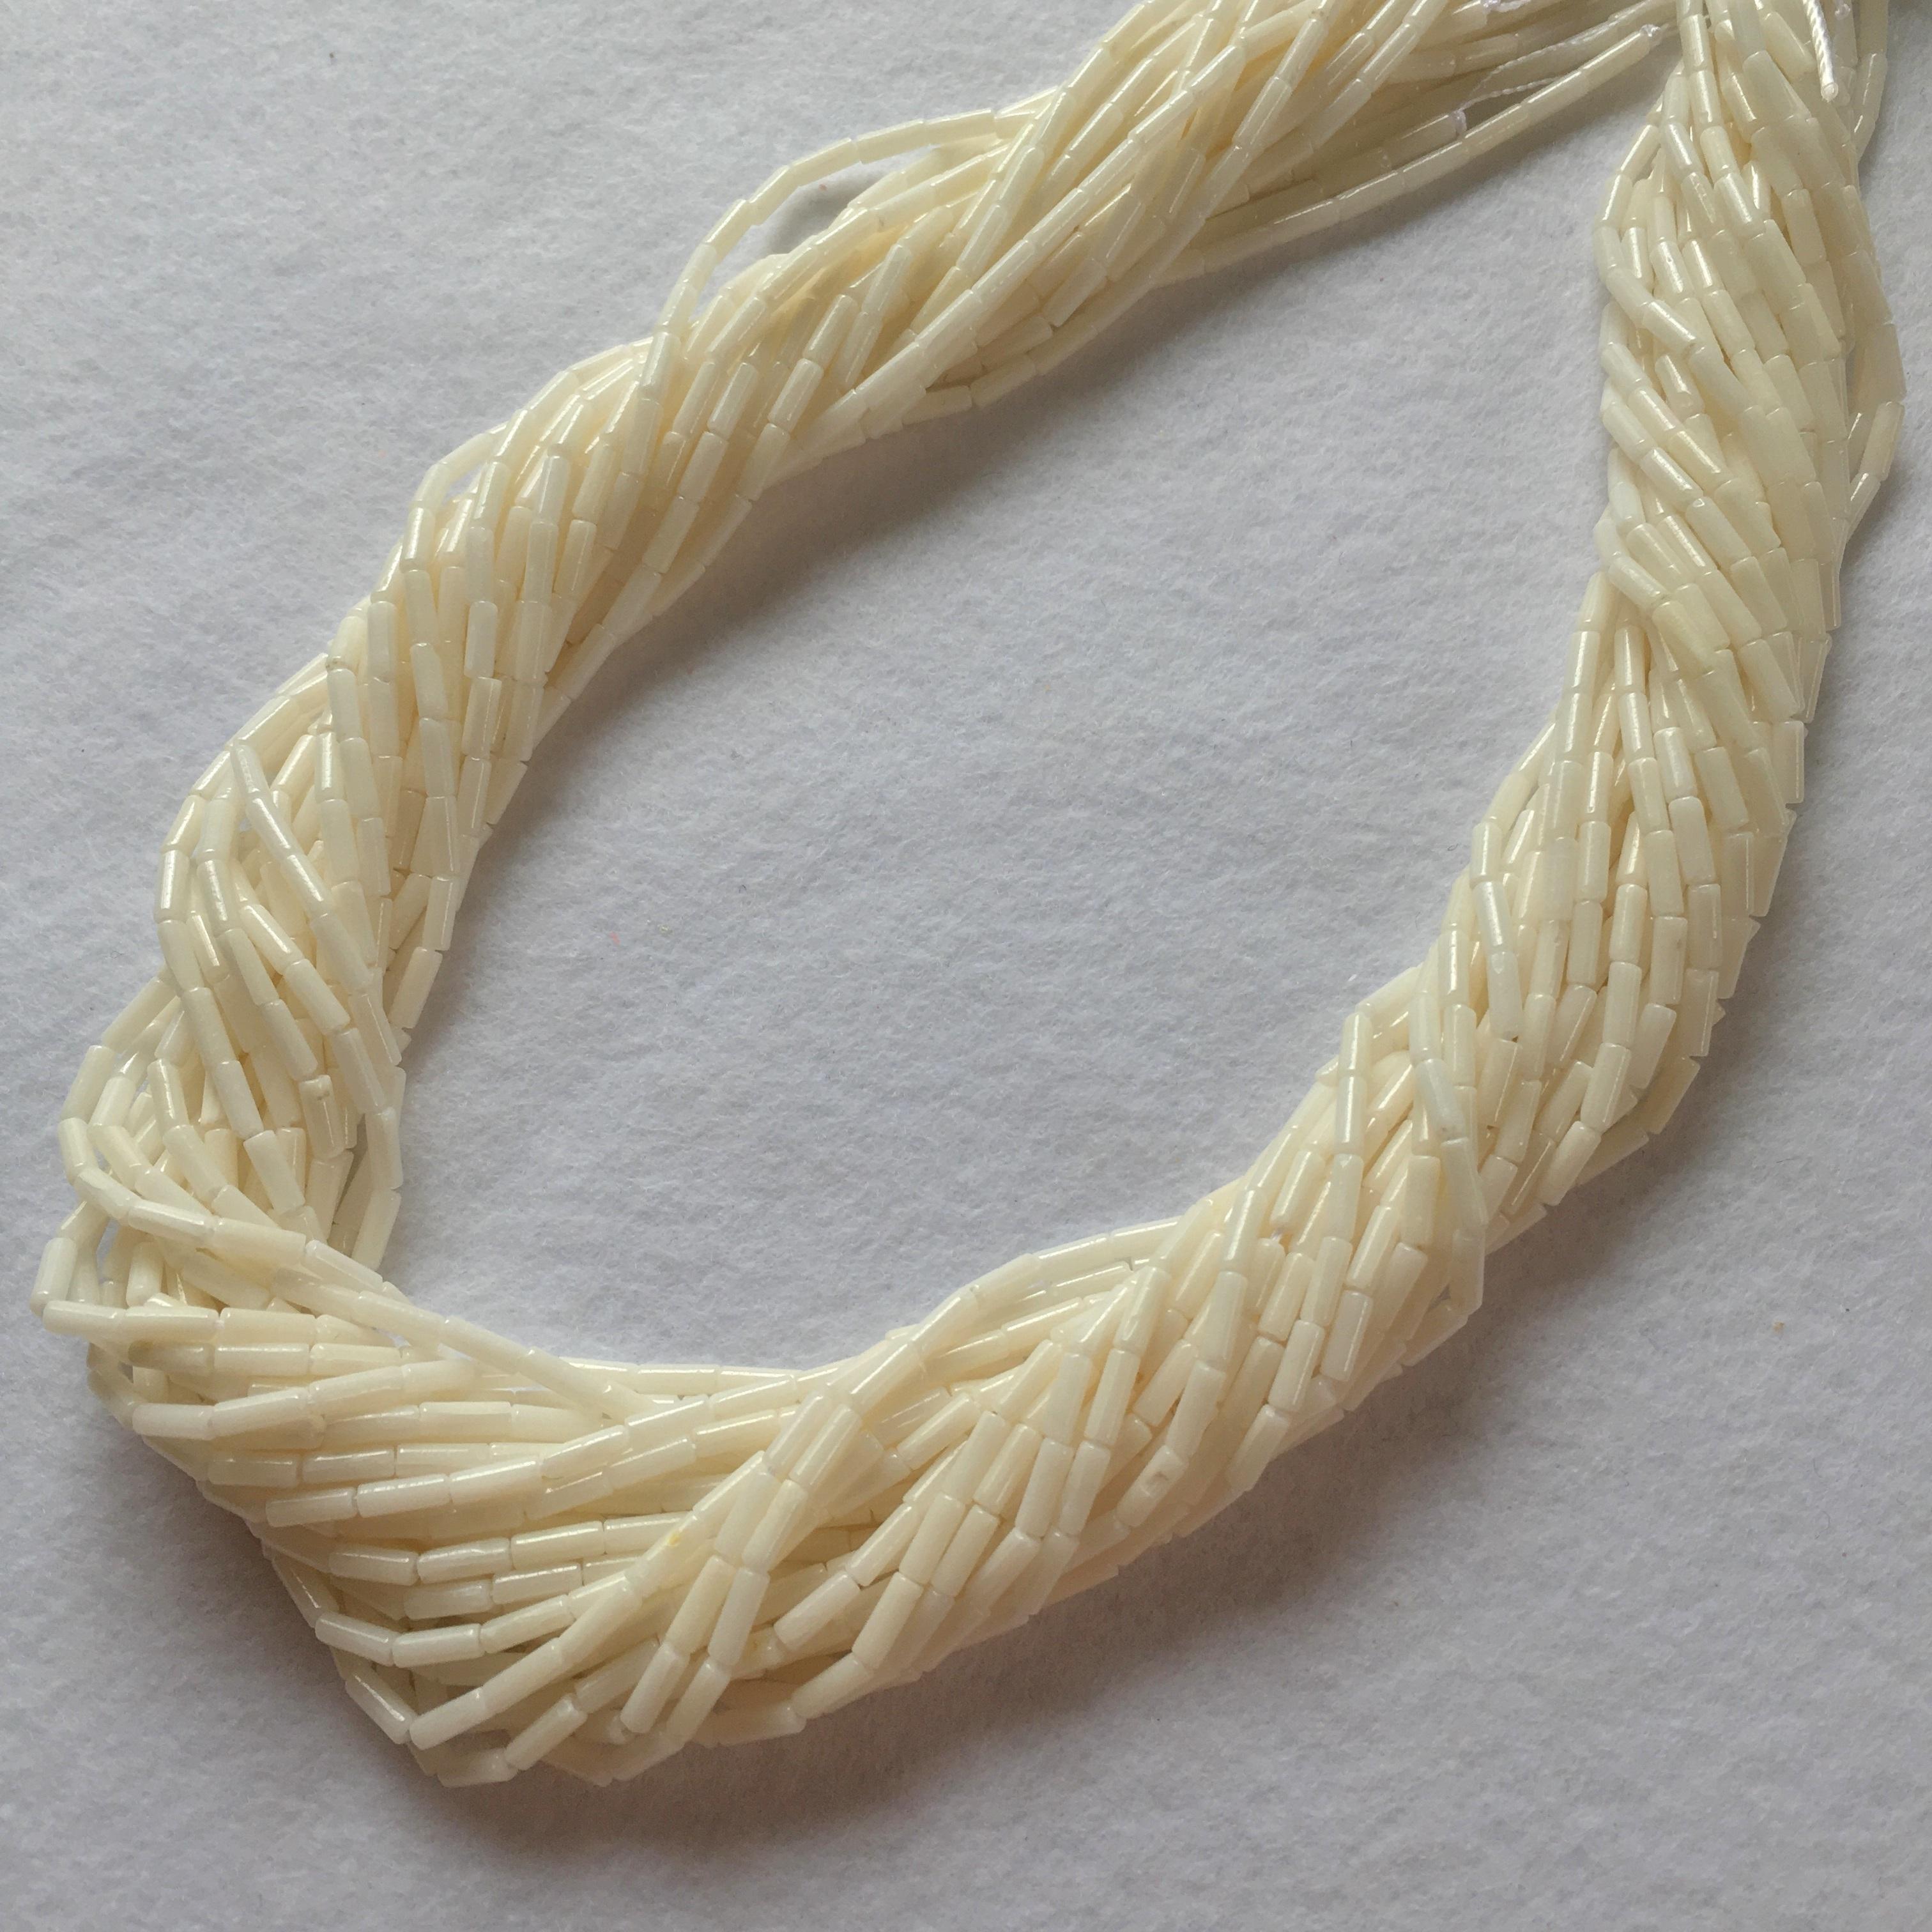 海竹 チューブ型 約6x2㎜ 連材【193572】